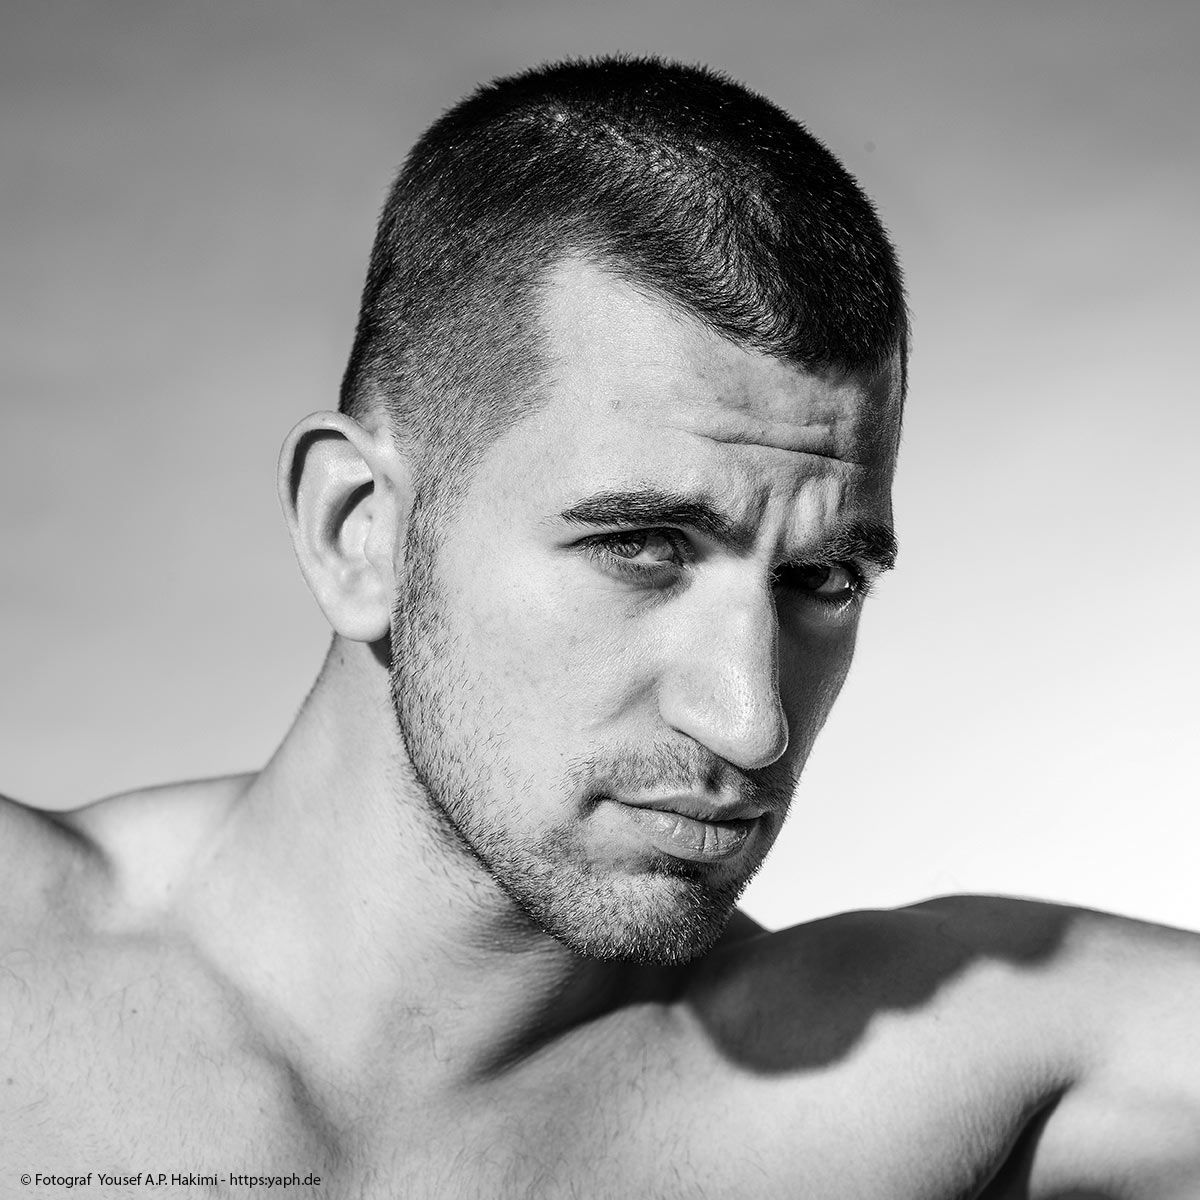 Yousef Hakimi Fotografie Trier - Luka